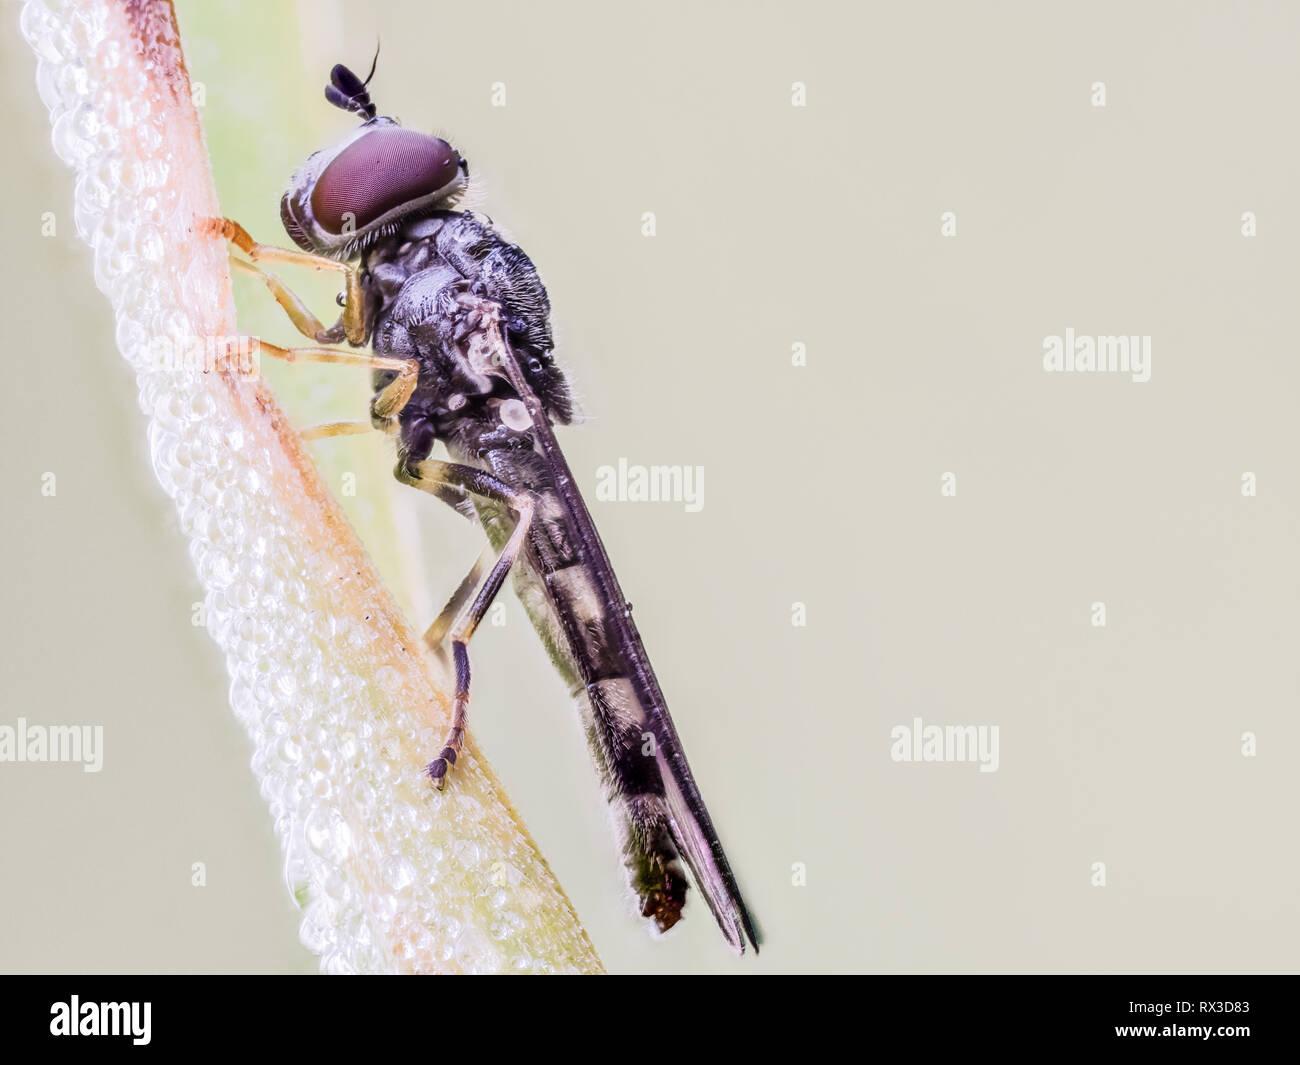 Insekten Makro, Nahaufnahme mit vielen Details mit Hilfe von Focus Bracketing. Detailreiche Makroaufnahmen von kleinen Tieren - Stock Image